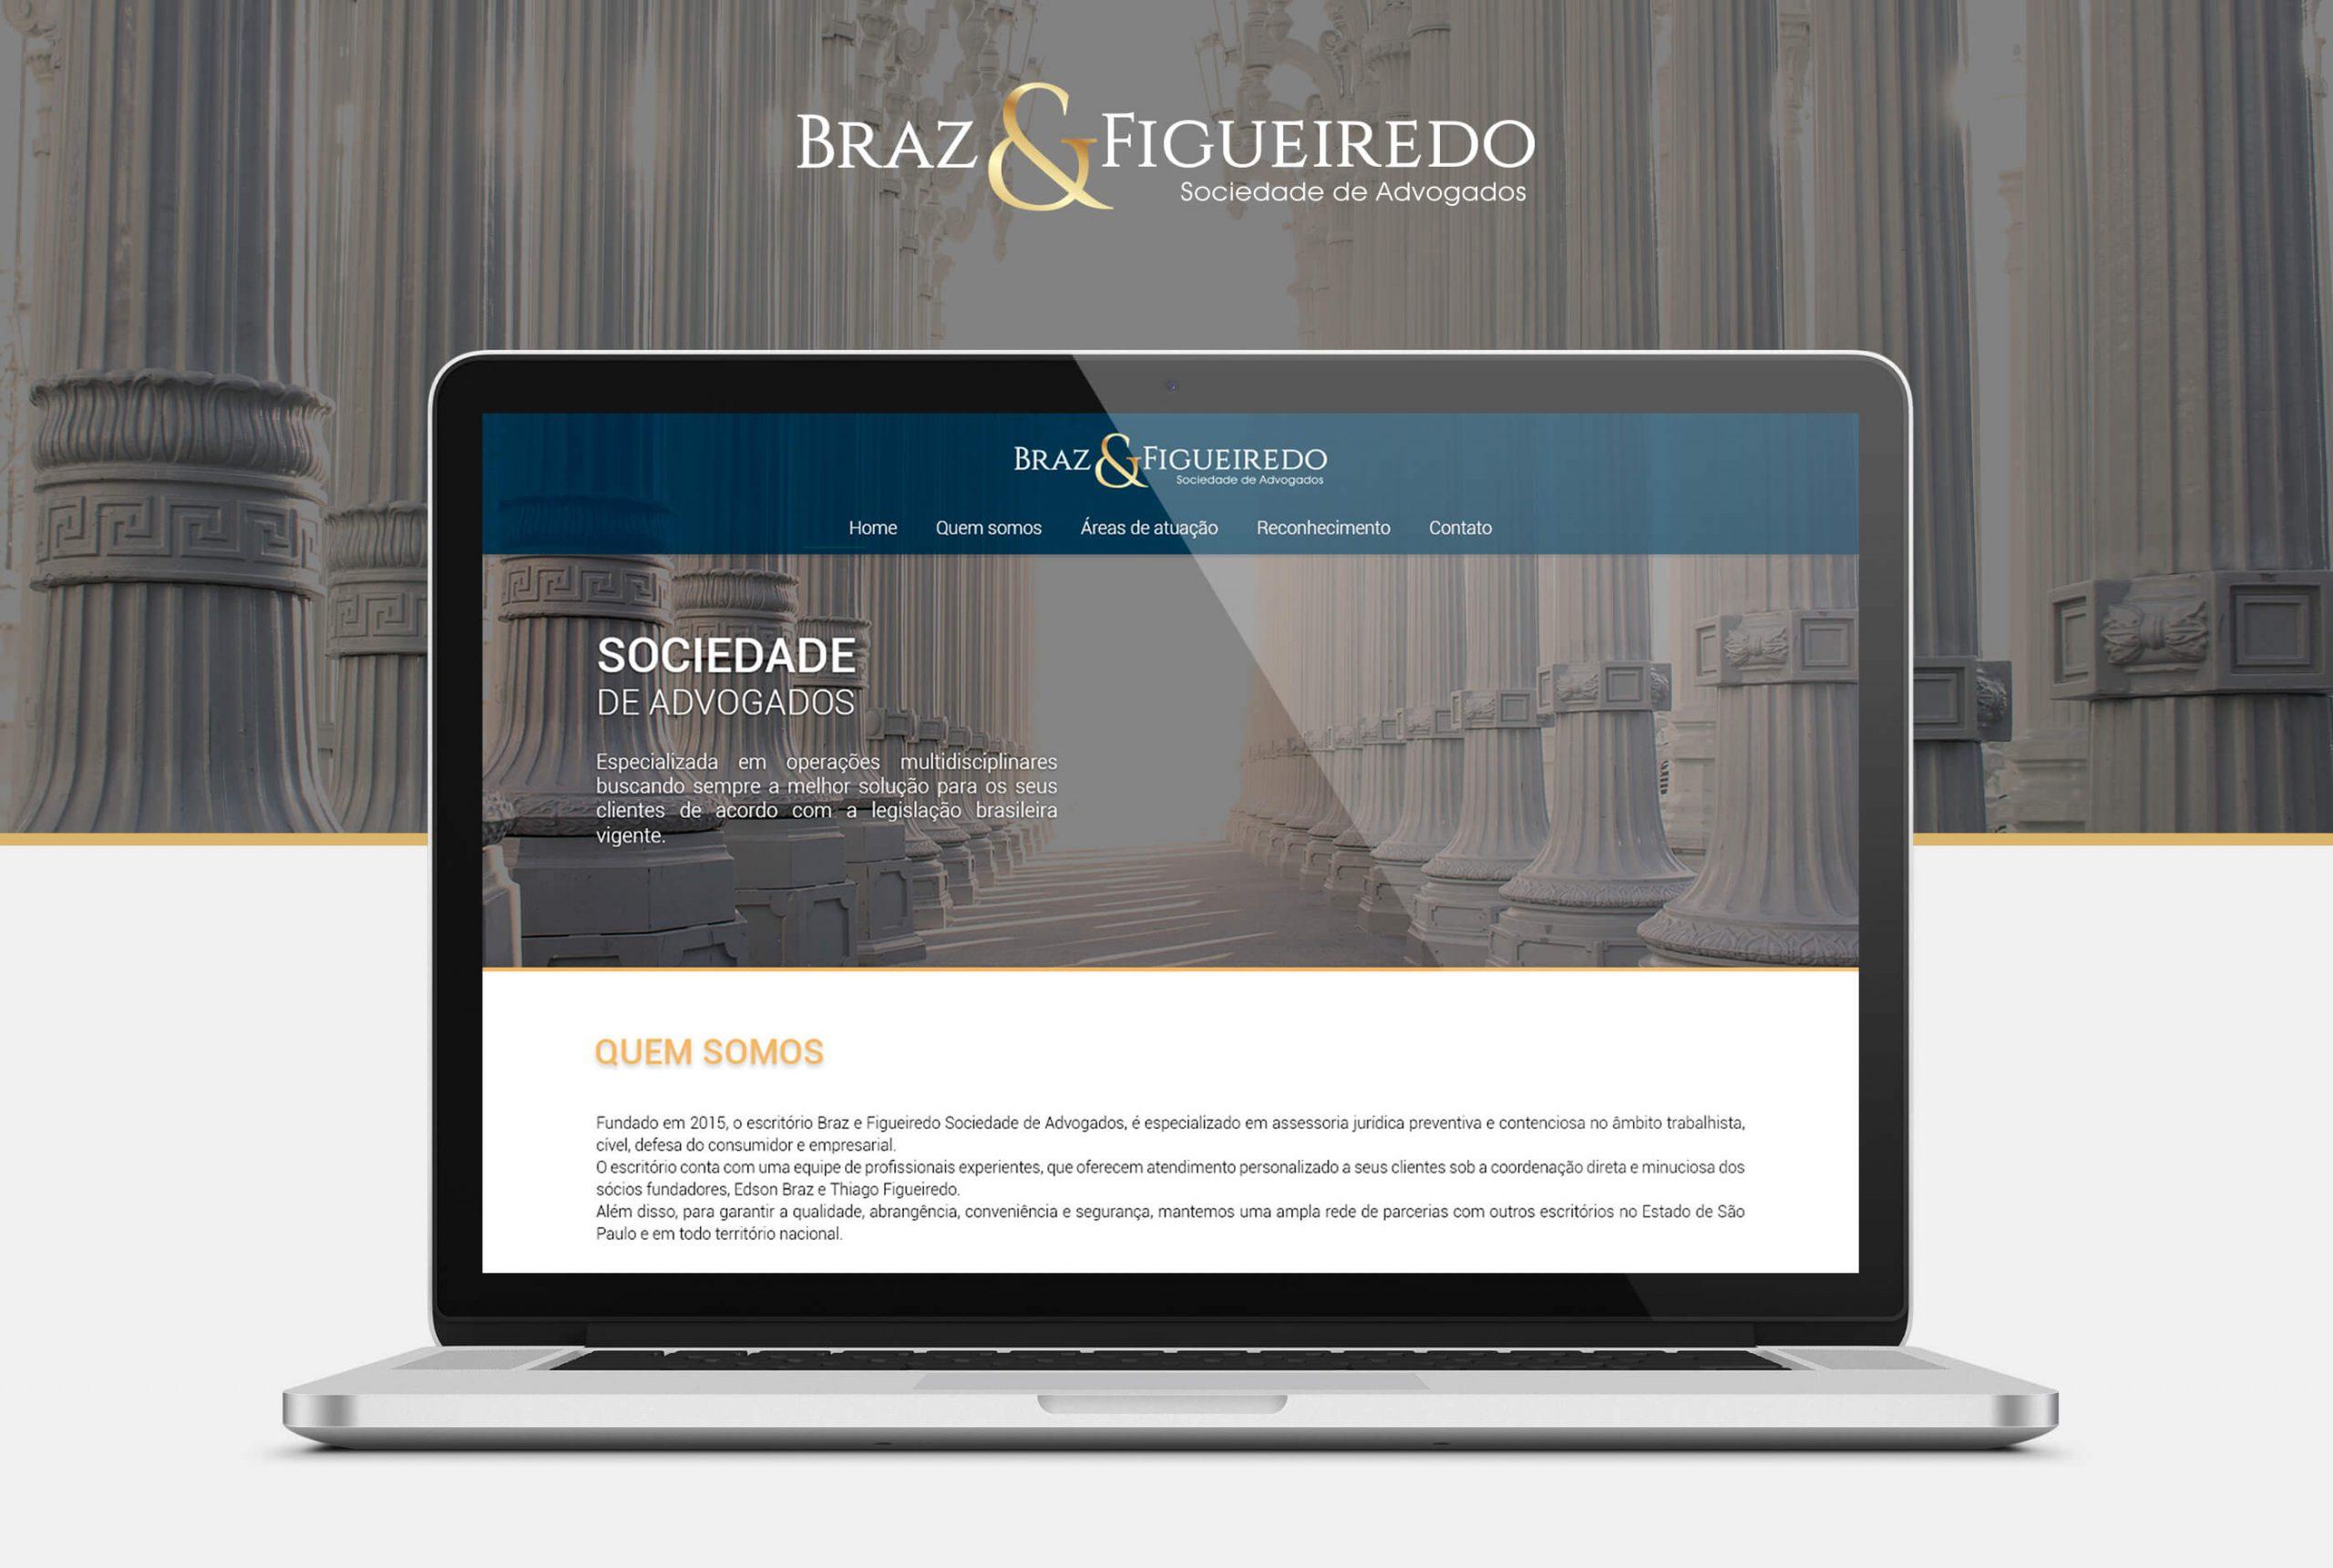 Projeto Braz & Figueiredo - Goognet Solução Digital